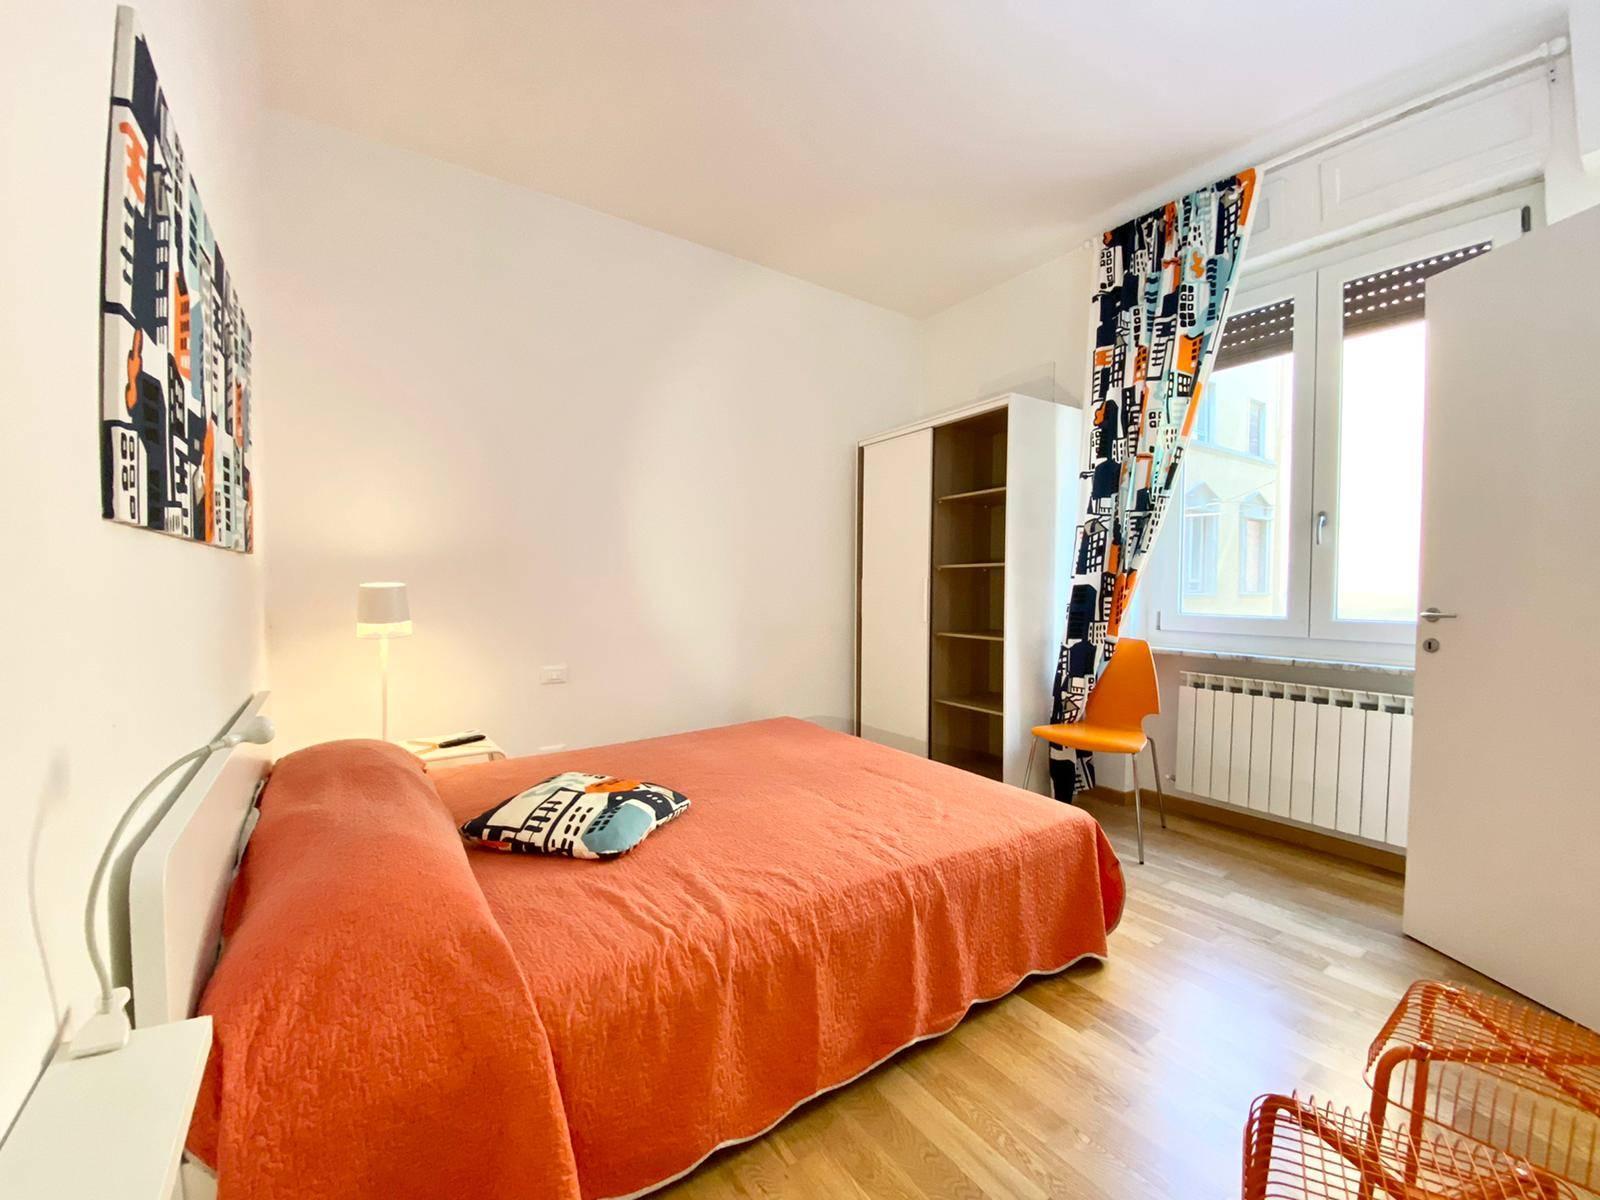 Appartamento in vendita a La Spezia, 4 locali, zona Località: CENTRO, prezzo € 235.000   CambioCasa.it